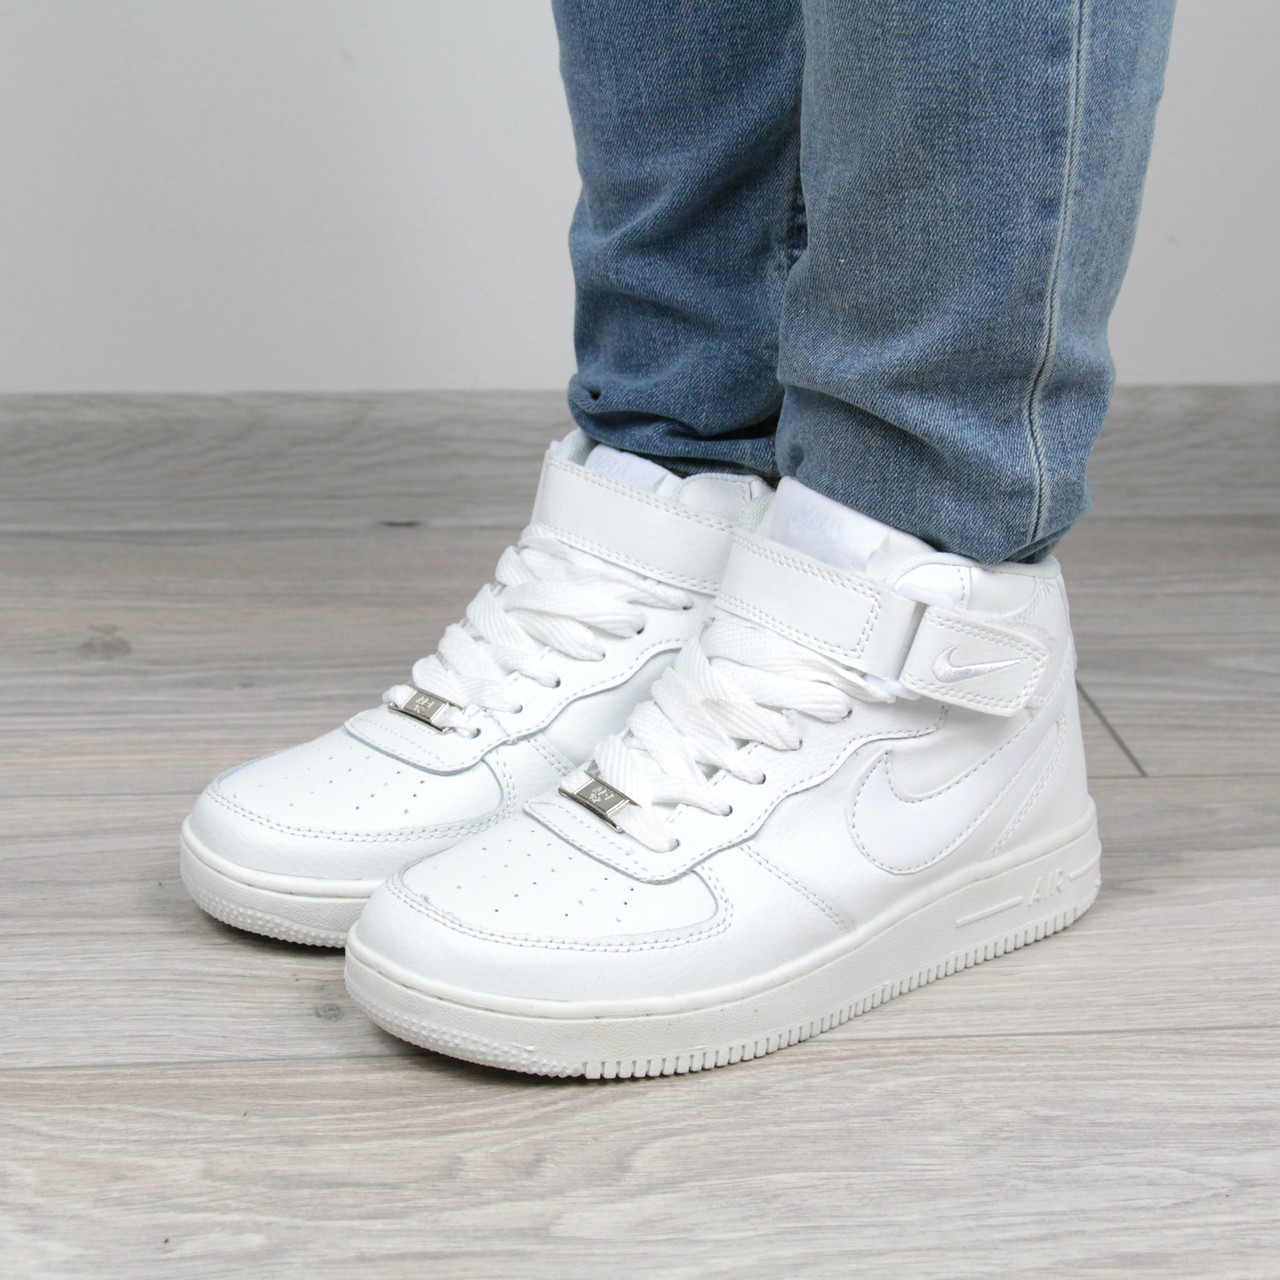 Кроссовки ботинки женские Force белые MID Люкс